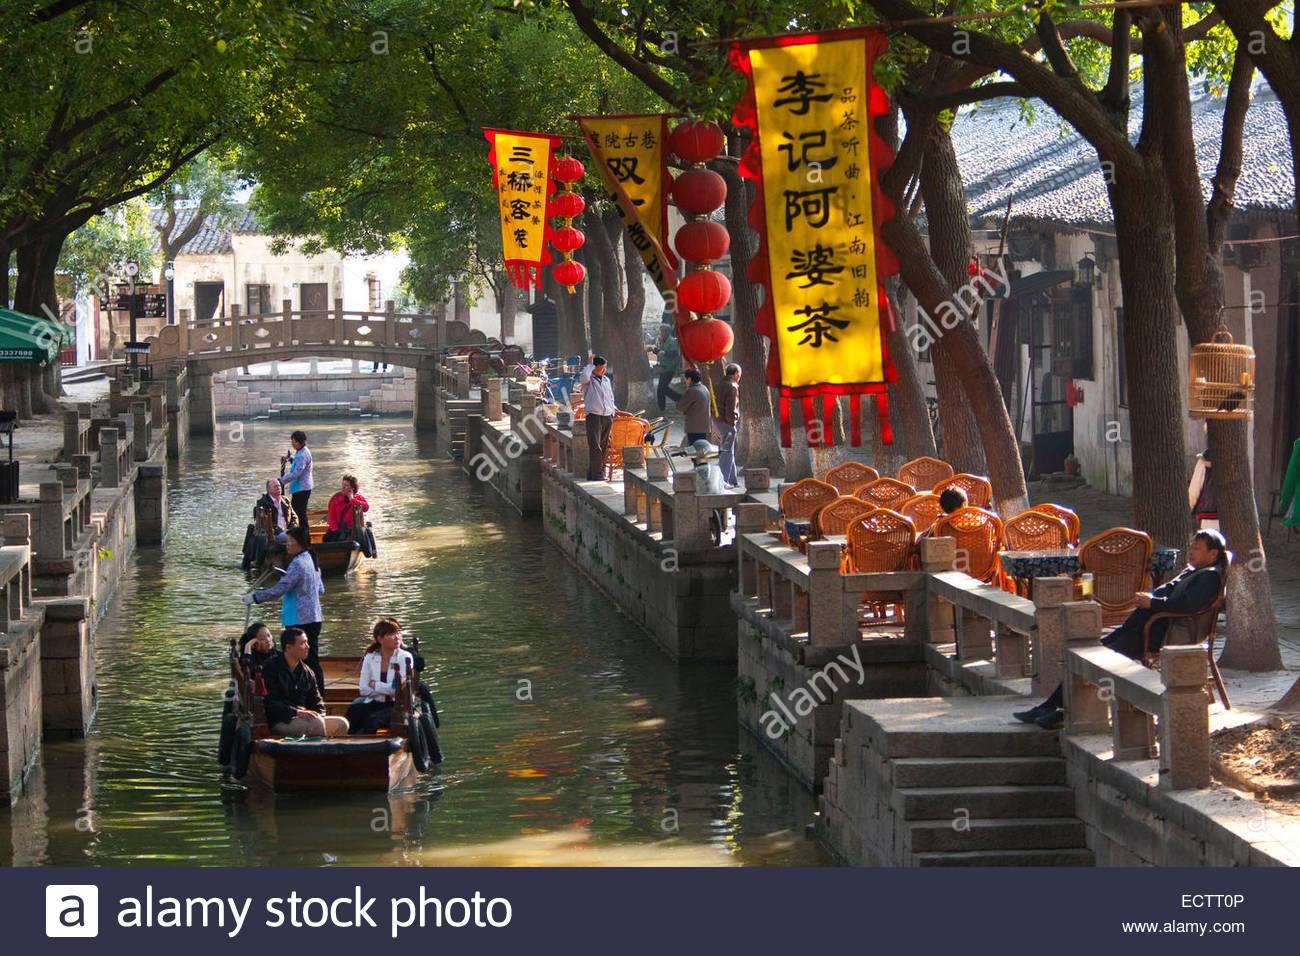 Shanghai, les touristes voyageant sur les canaux de Tongli. Photo Stock